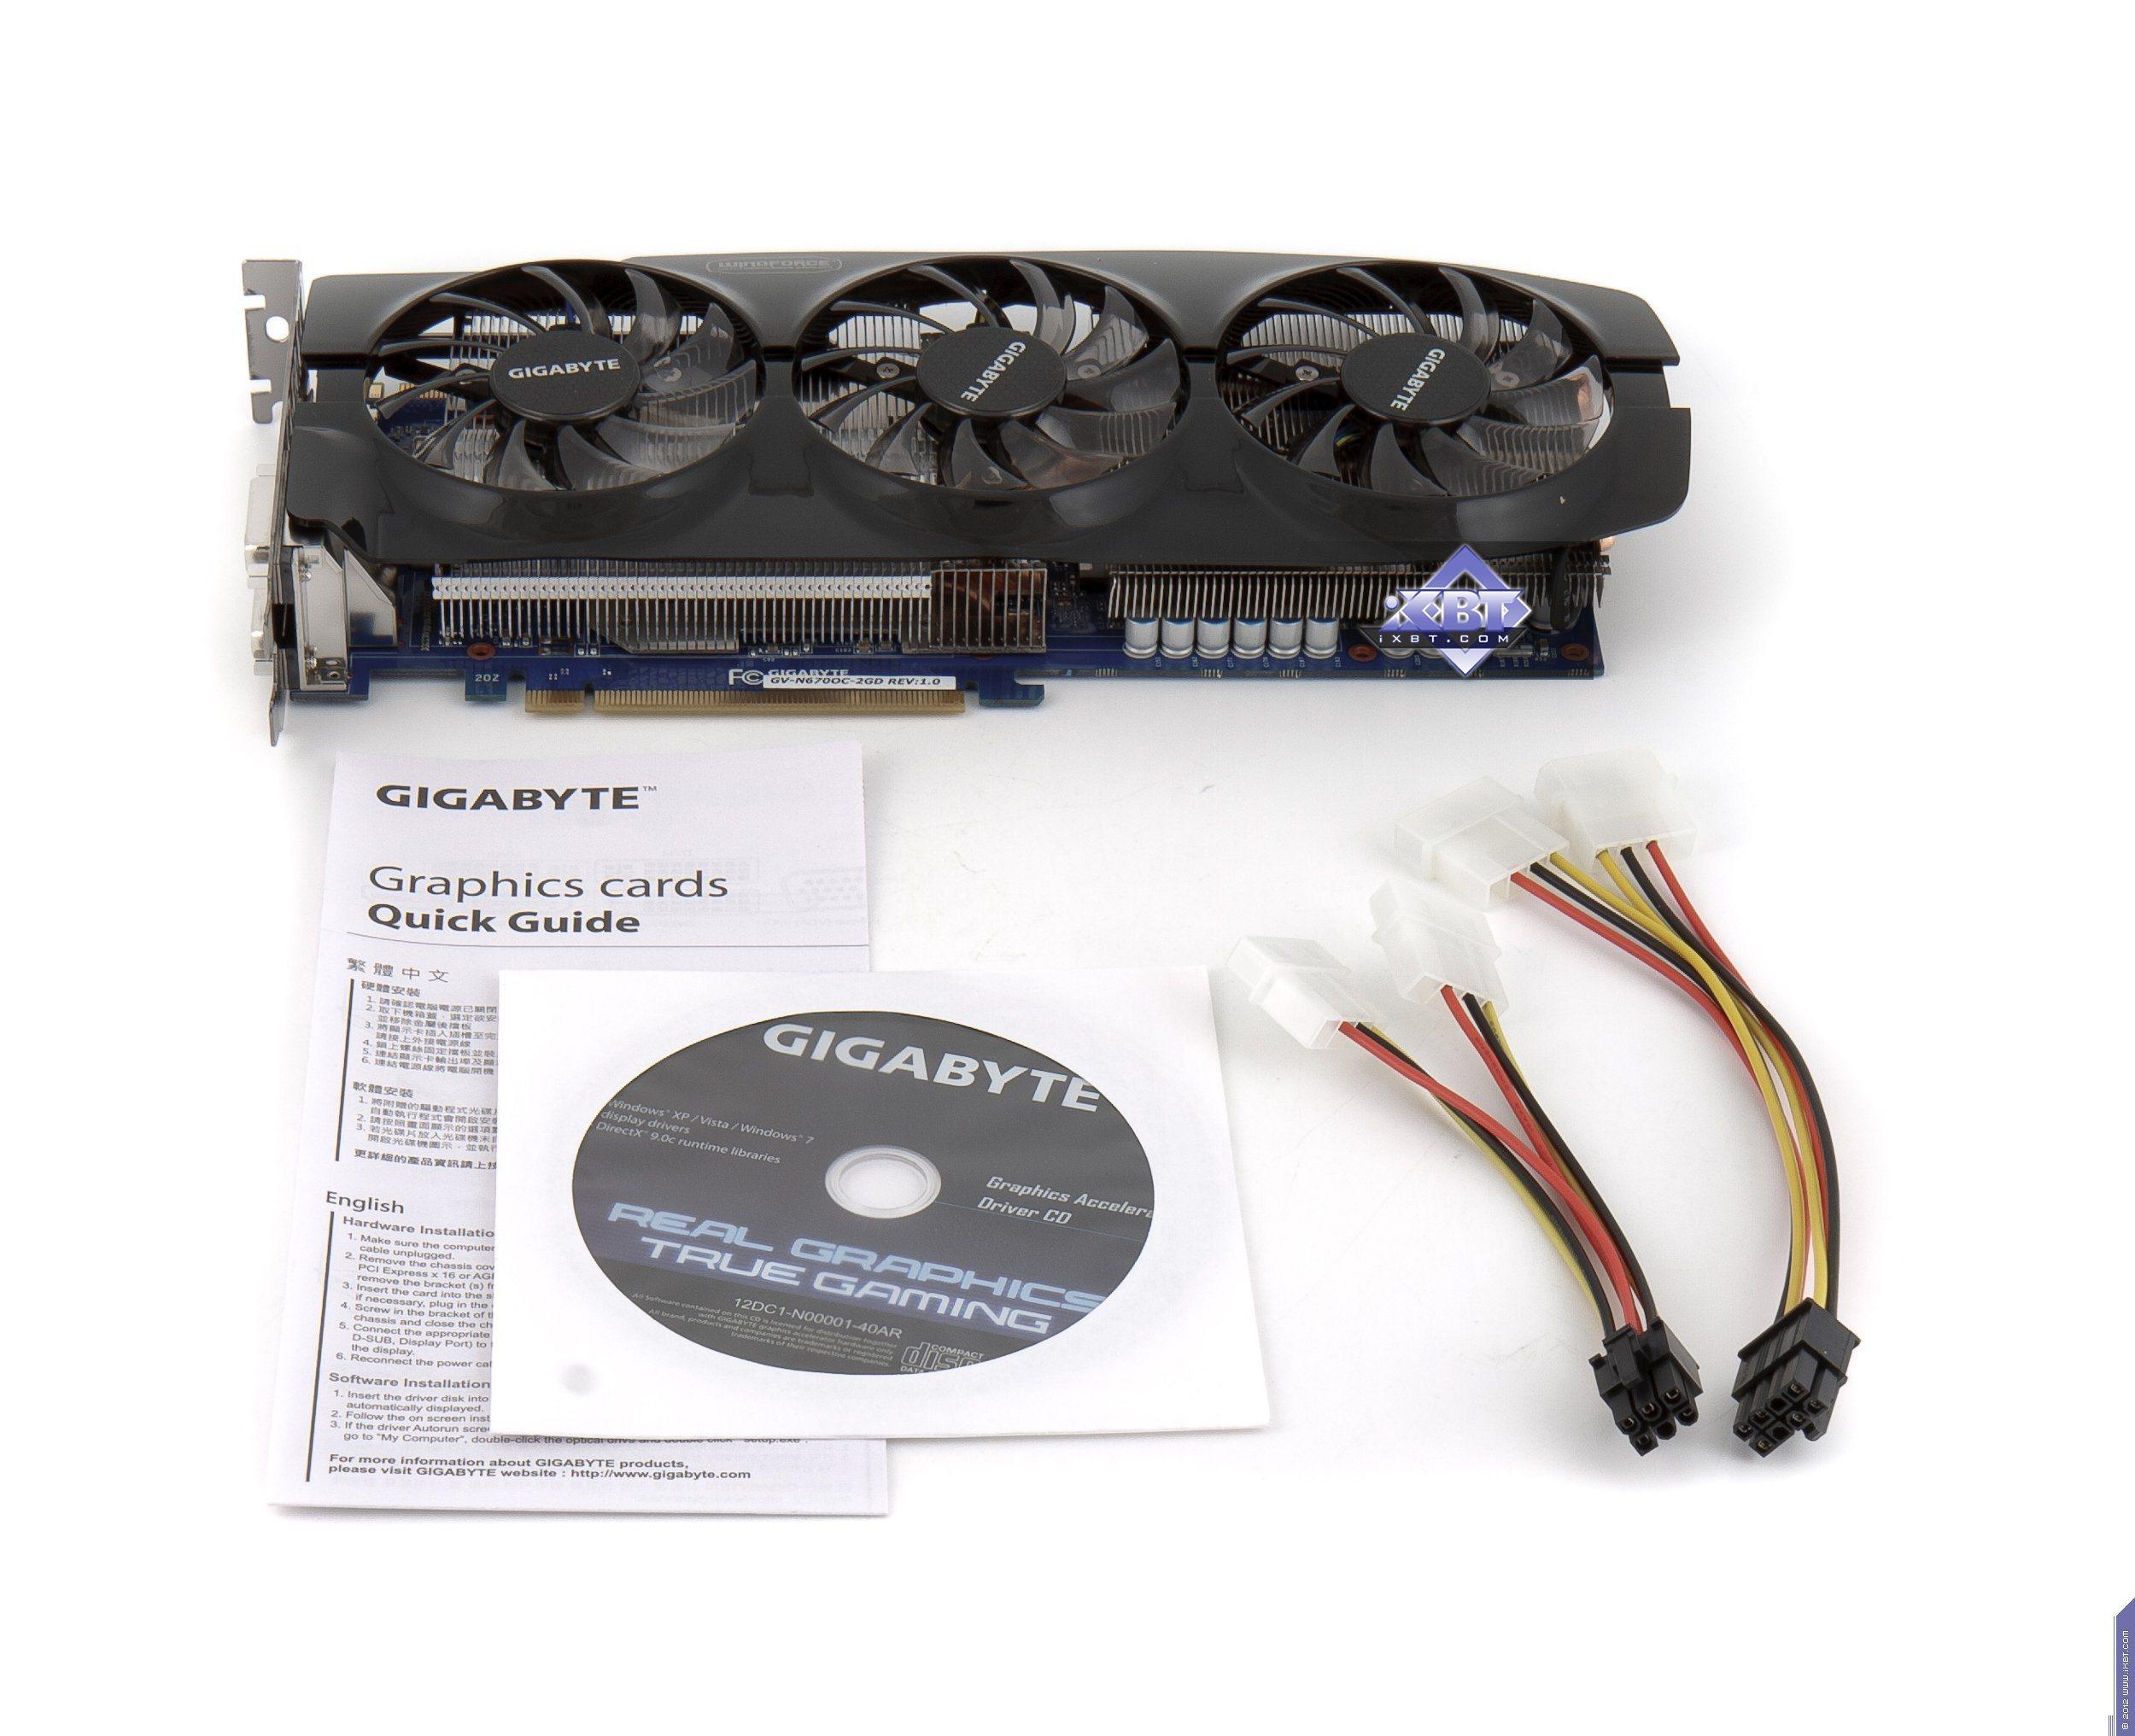 Review: gigabyte geforce gtx 670 windforce 3x graphics hexus. Net.